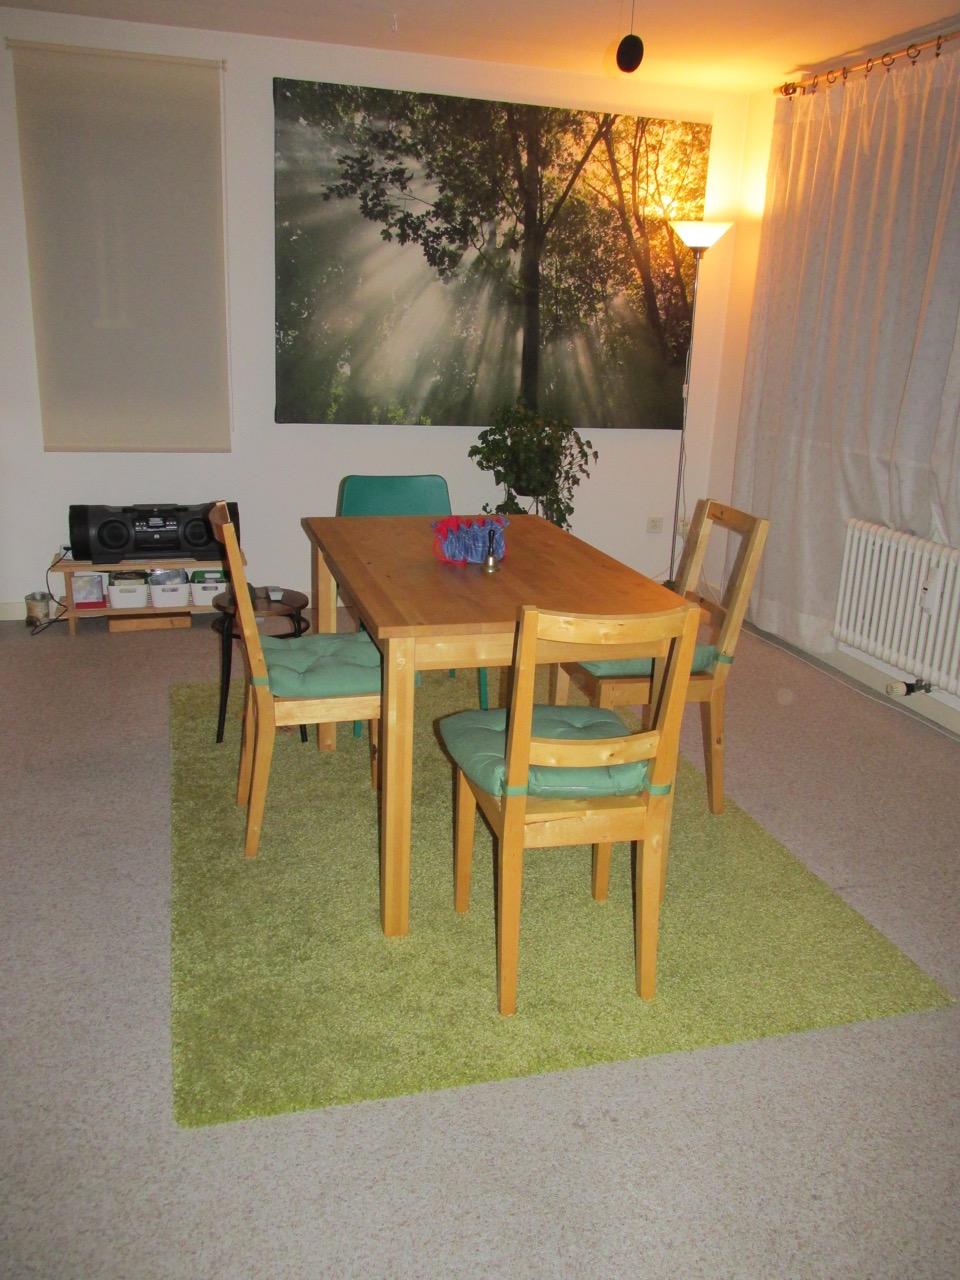 Zirkel-Tischarbeit / Lichtobjekt-Orb hinter dem Stuhl